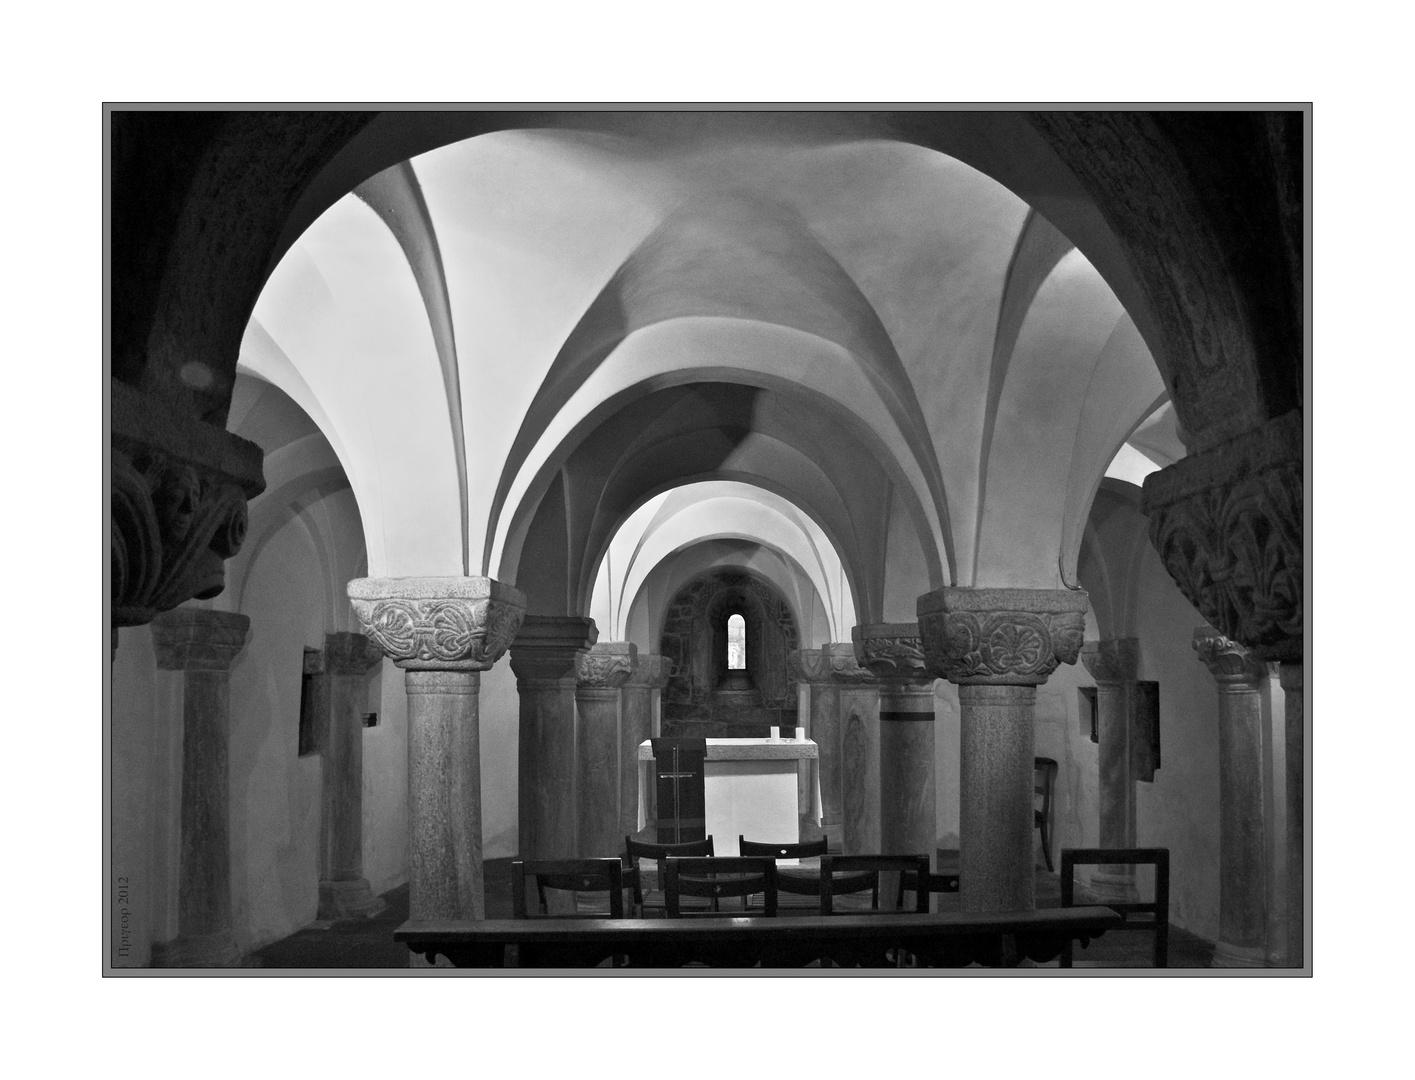 Krypta in der Chiesa San Vittore